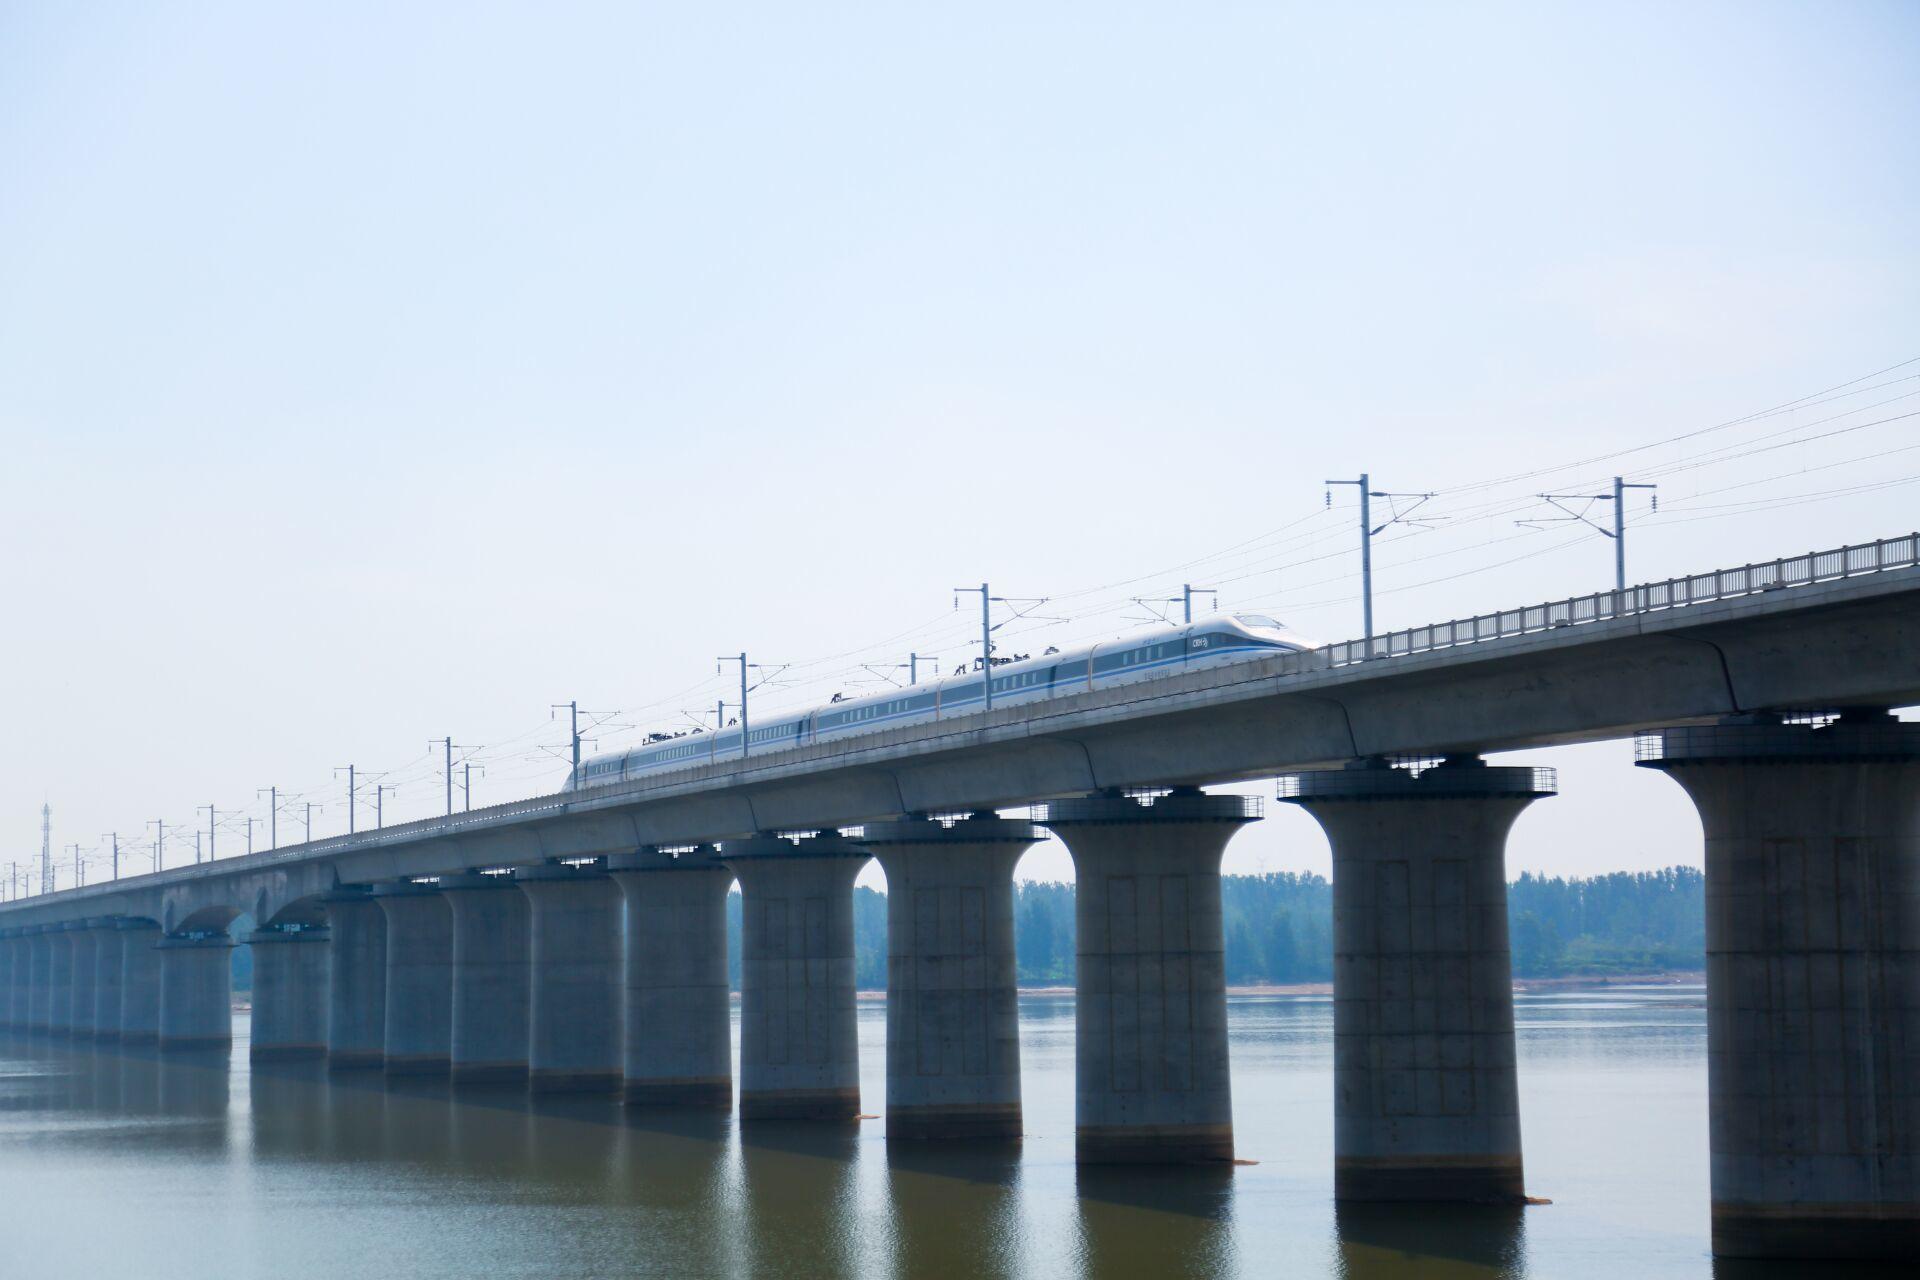 望岳谈丨小康路、幸福路、开创路,鲁南高铁开通意味着什么?带来了什么?